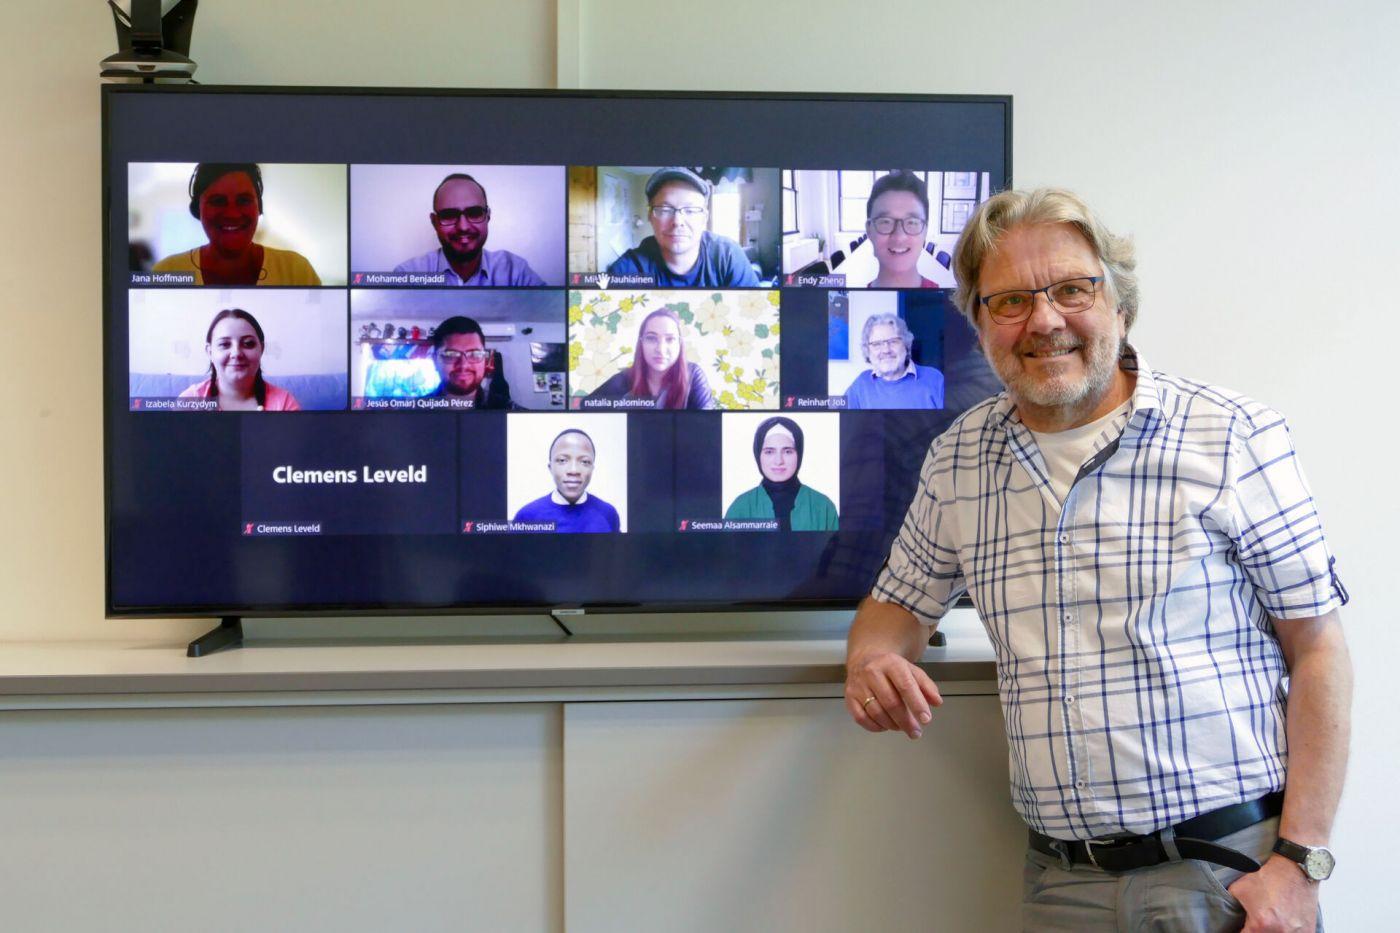 Prof. Dr. Reinhart Job steht neben einem Fernsehbildschirm, auf dem mehrere Videokacheln mit den Köpfen der Teilnehmerinnen und Teilnehmer einer Videokonferenz zu sehen sind.  (Foto: FH Münster/Jana Schiller)